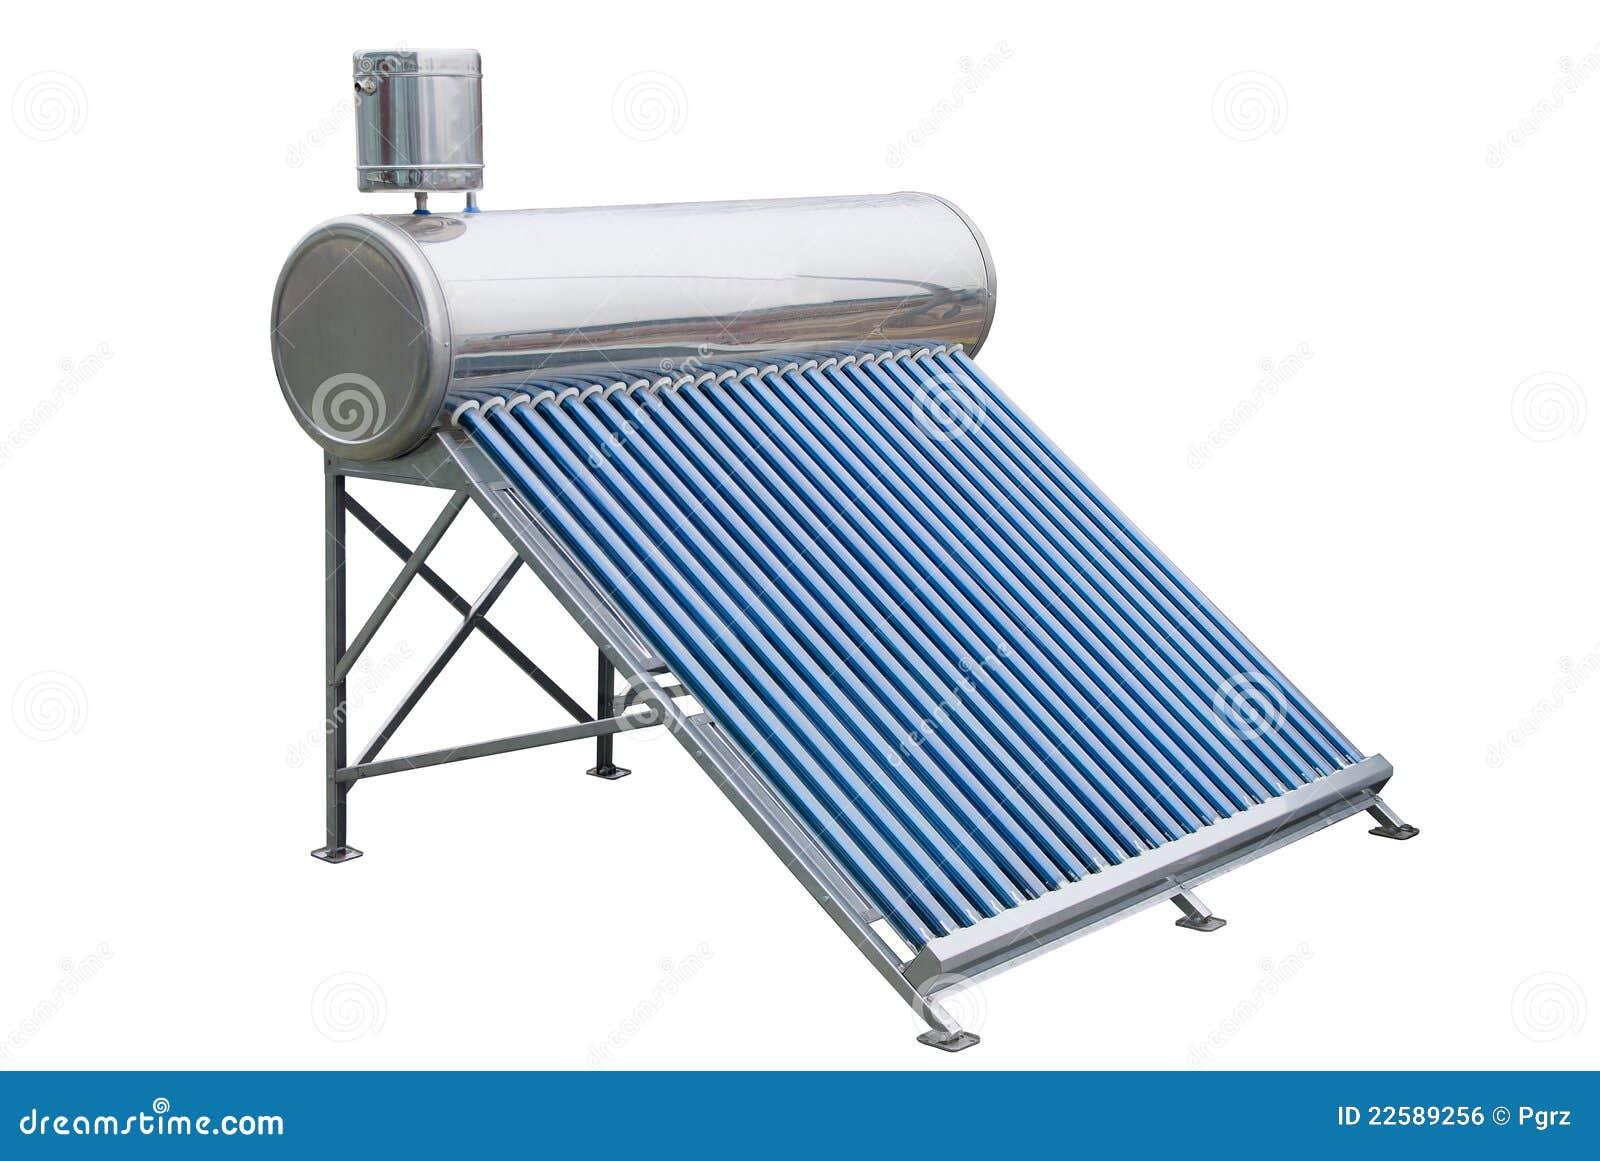 Los paneles solares para la agua caliente foto de archivo for Placas solares para calentar agua